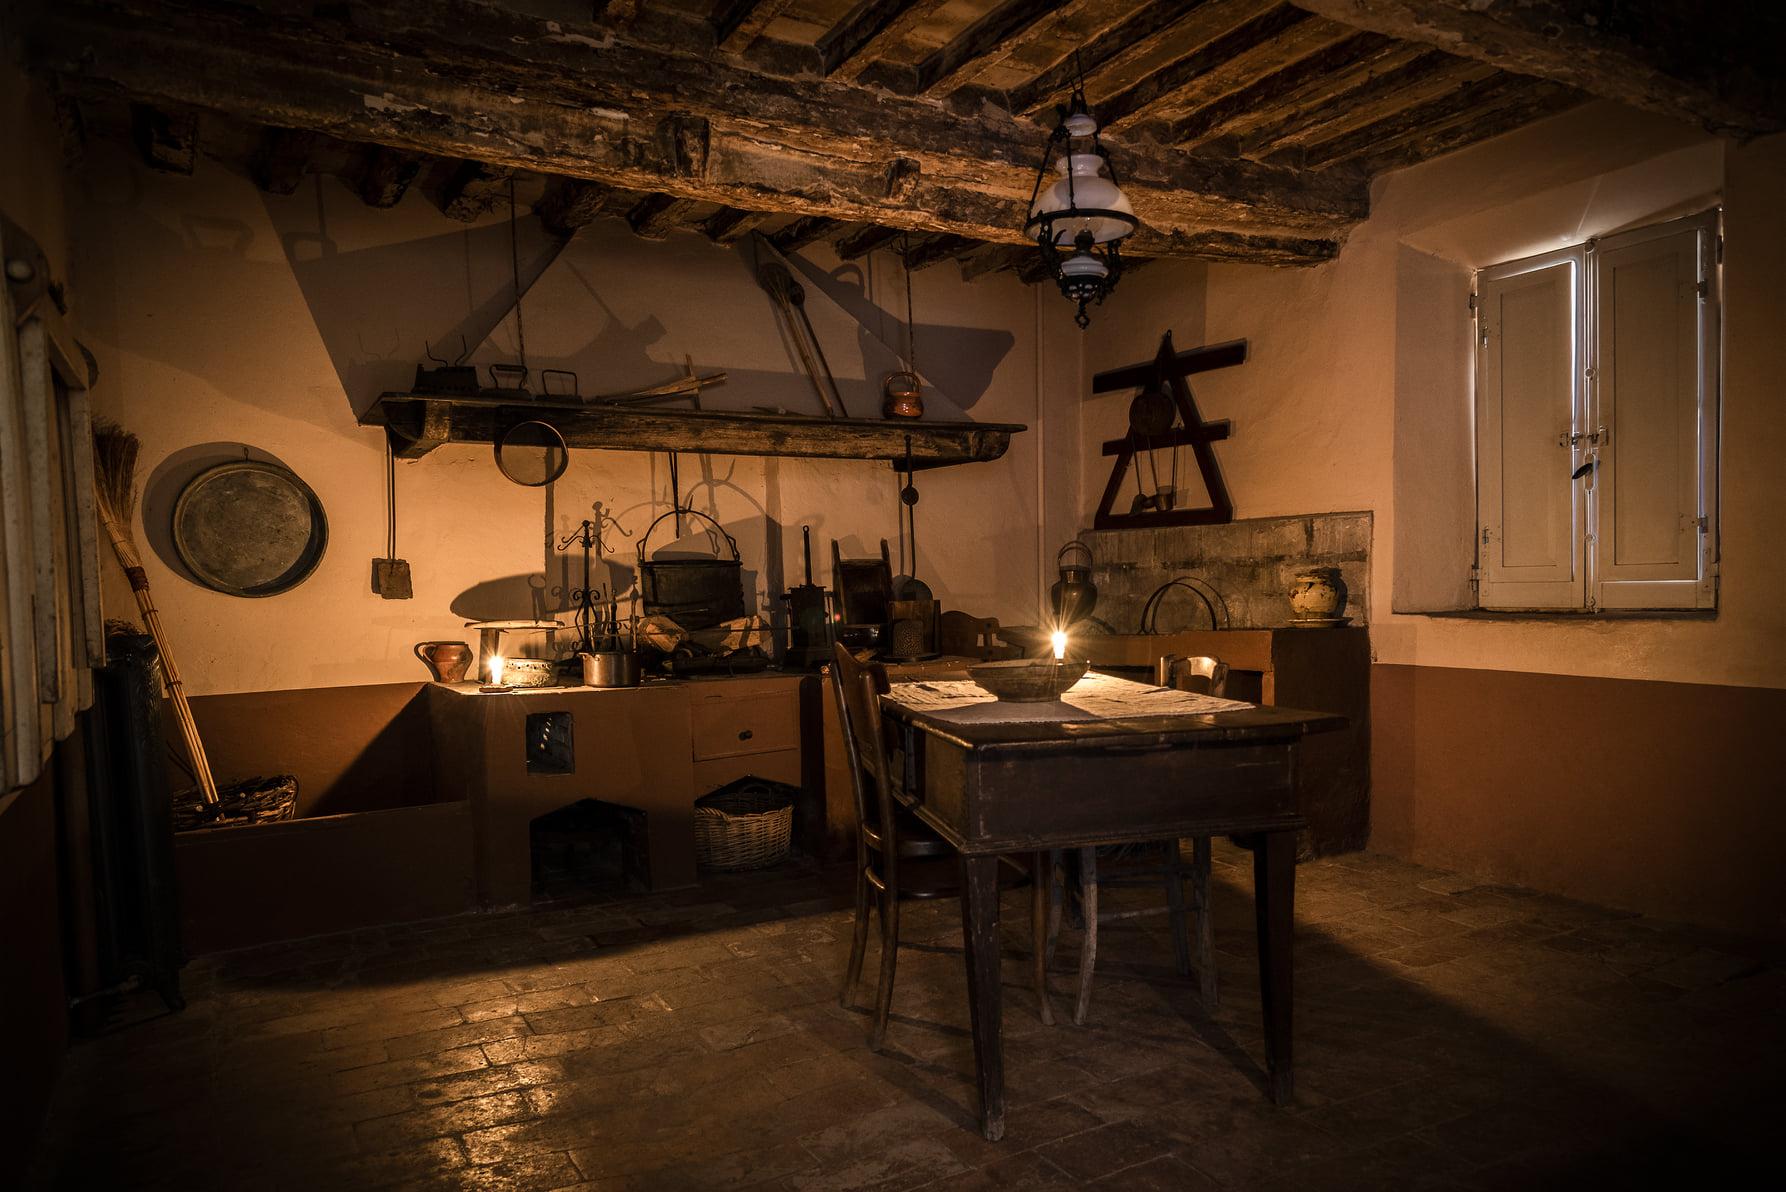 San Mauro Pascoli (FC),cucina casa Pascoli, Archivio Comunale, CC-BY-NC-SA 3.0